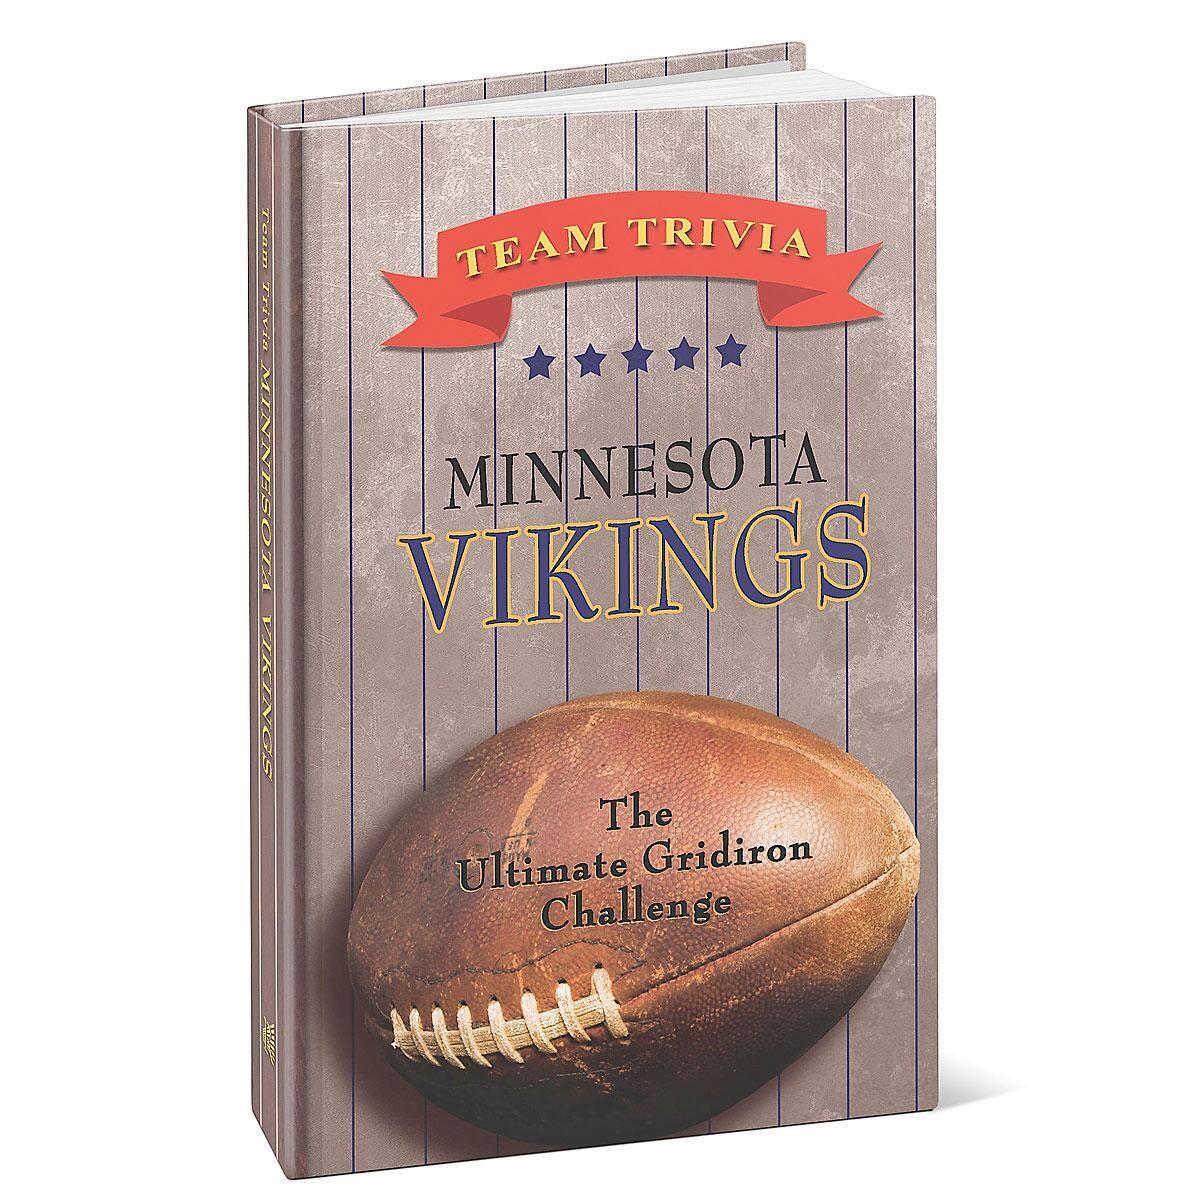 Minnesota Vikings NFL Team Trivia Book